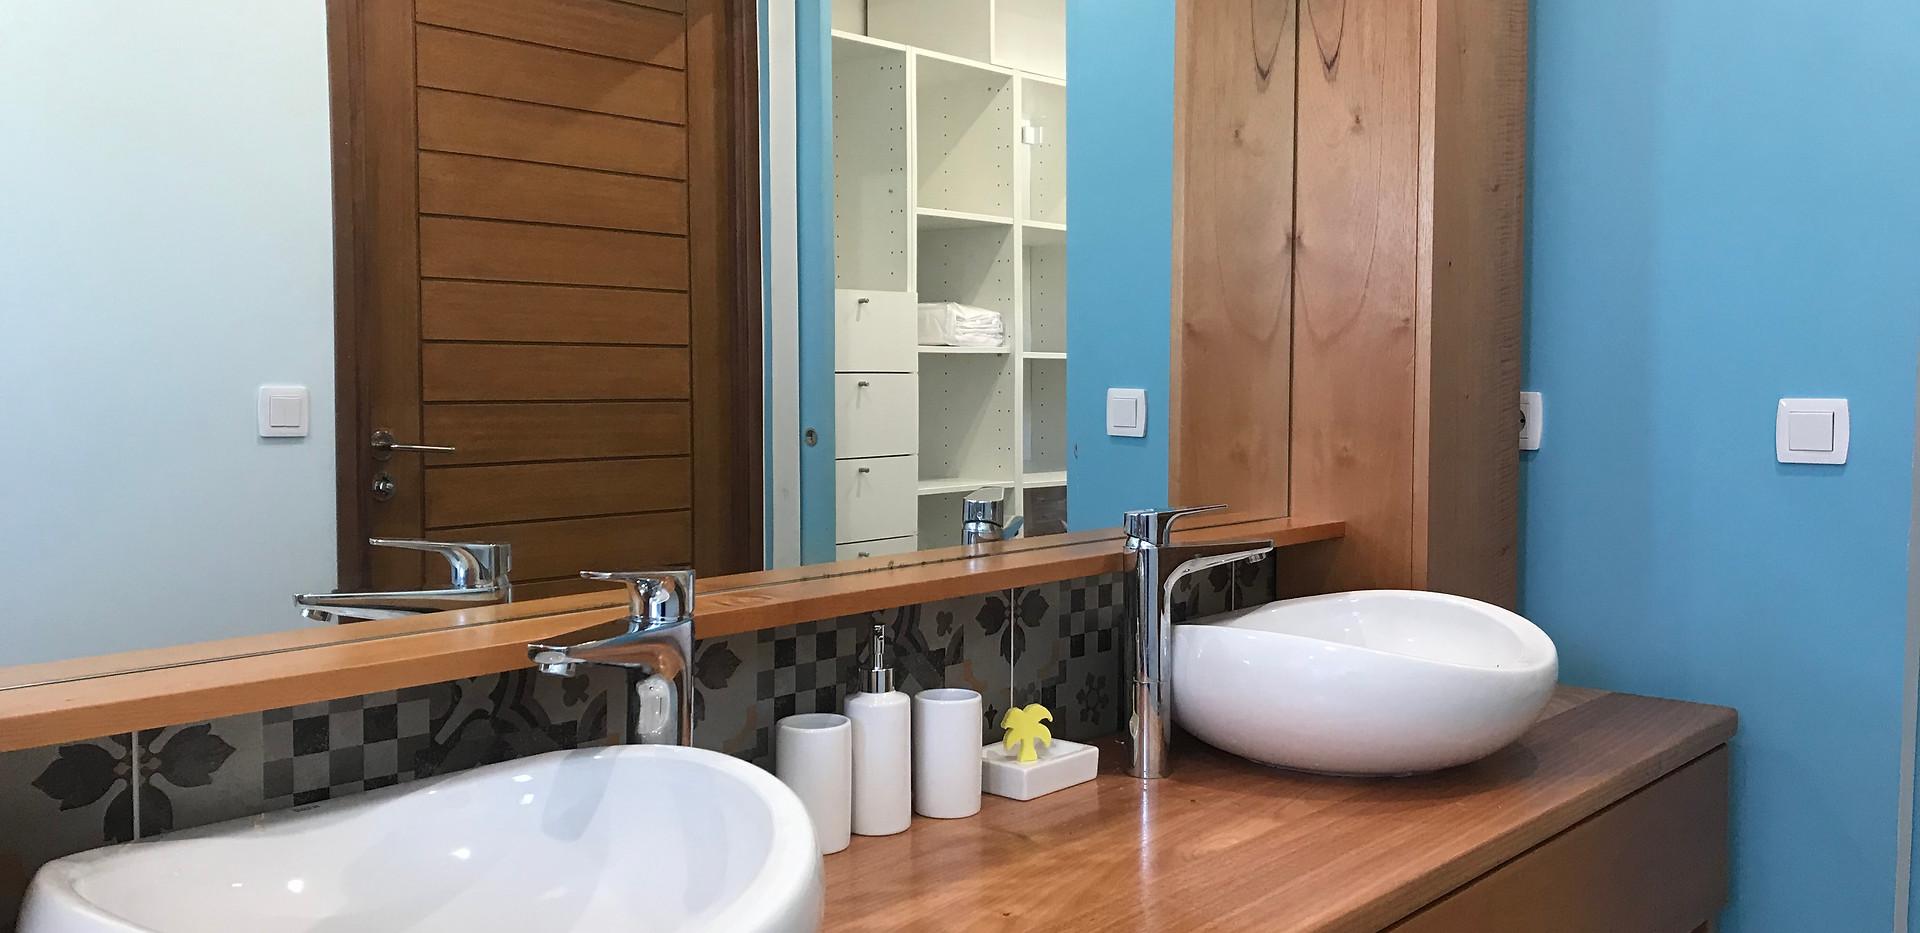 Double vasque de la salle d'eau de la chambre parentale